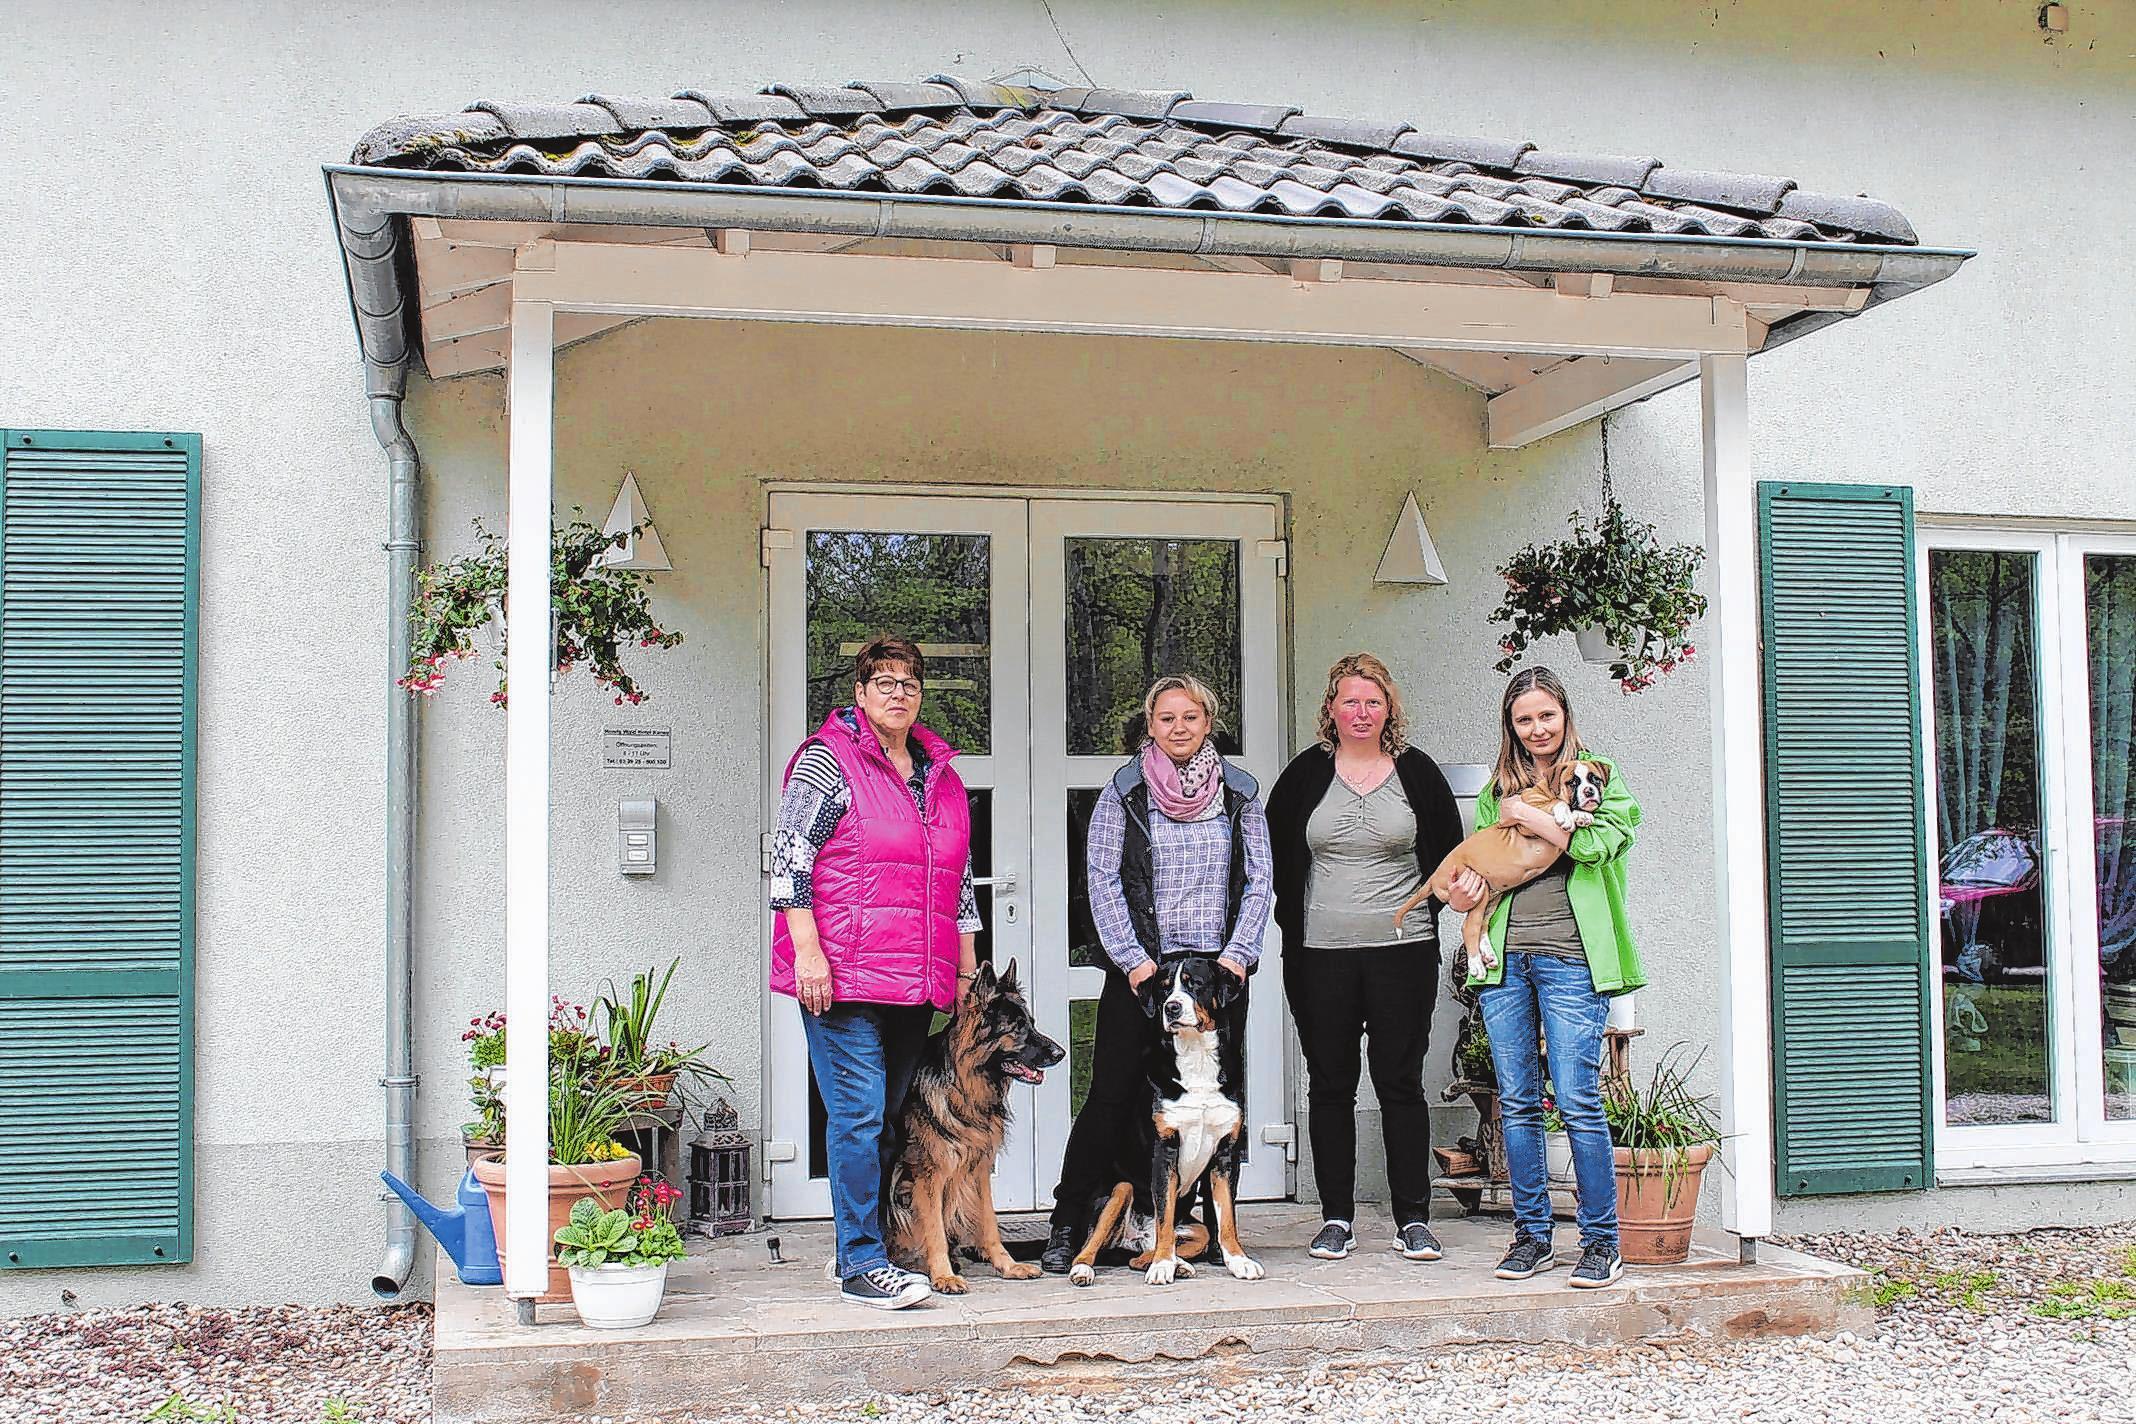 Willkommen im idyllisch gelegenen Hunde-Wald-Hotel in Karwe: Sabrina Malinowski und ihr Team freuen sich auf alle tierischen Gäste. Foto: M. Lerm